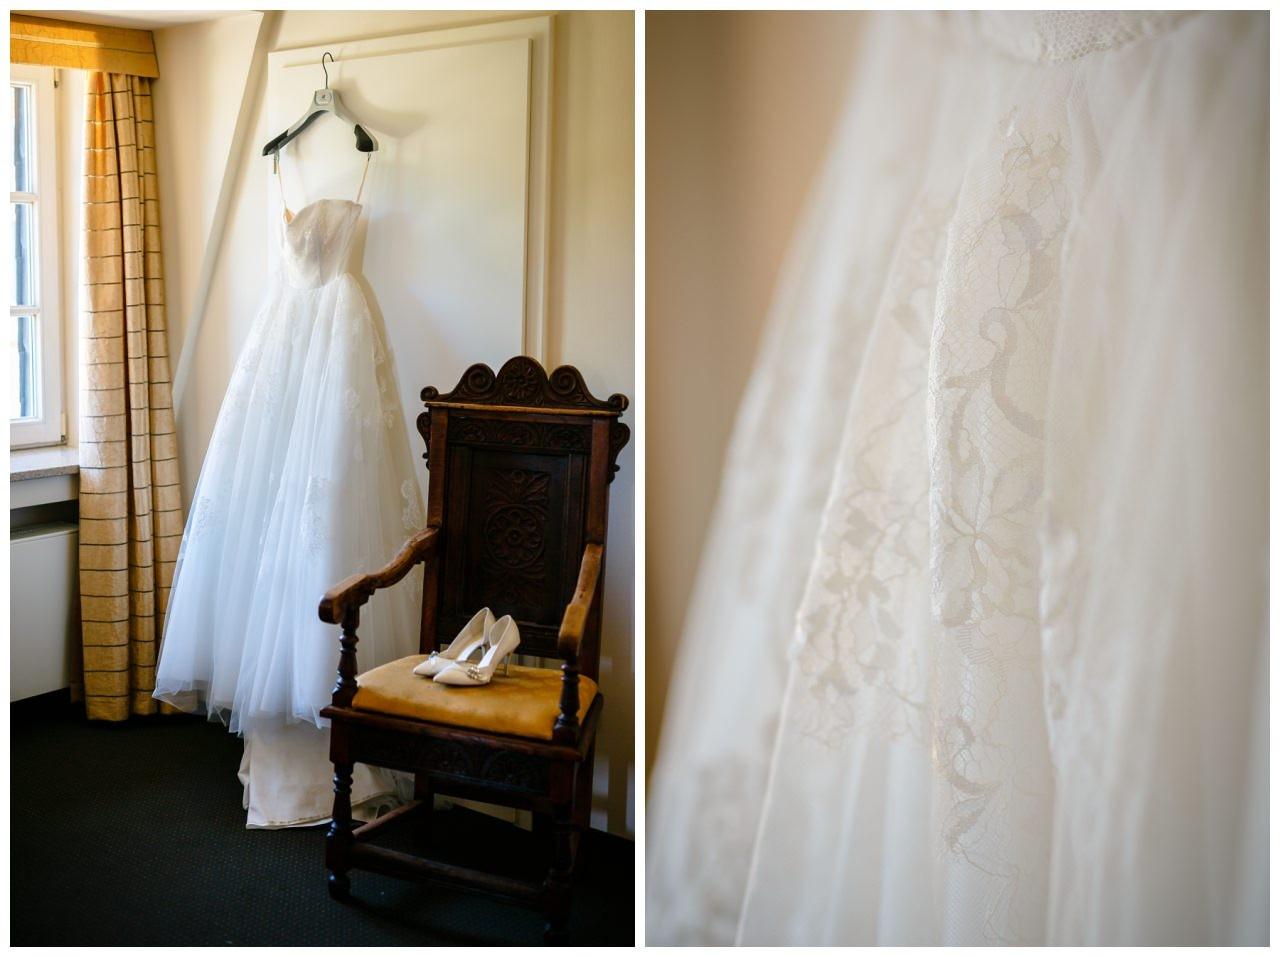 Das Brautkleid im Hotelzimmer von Schloss Berge.